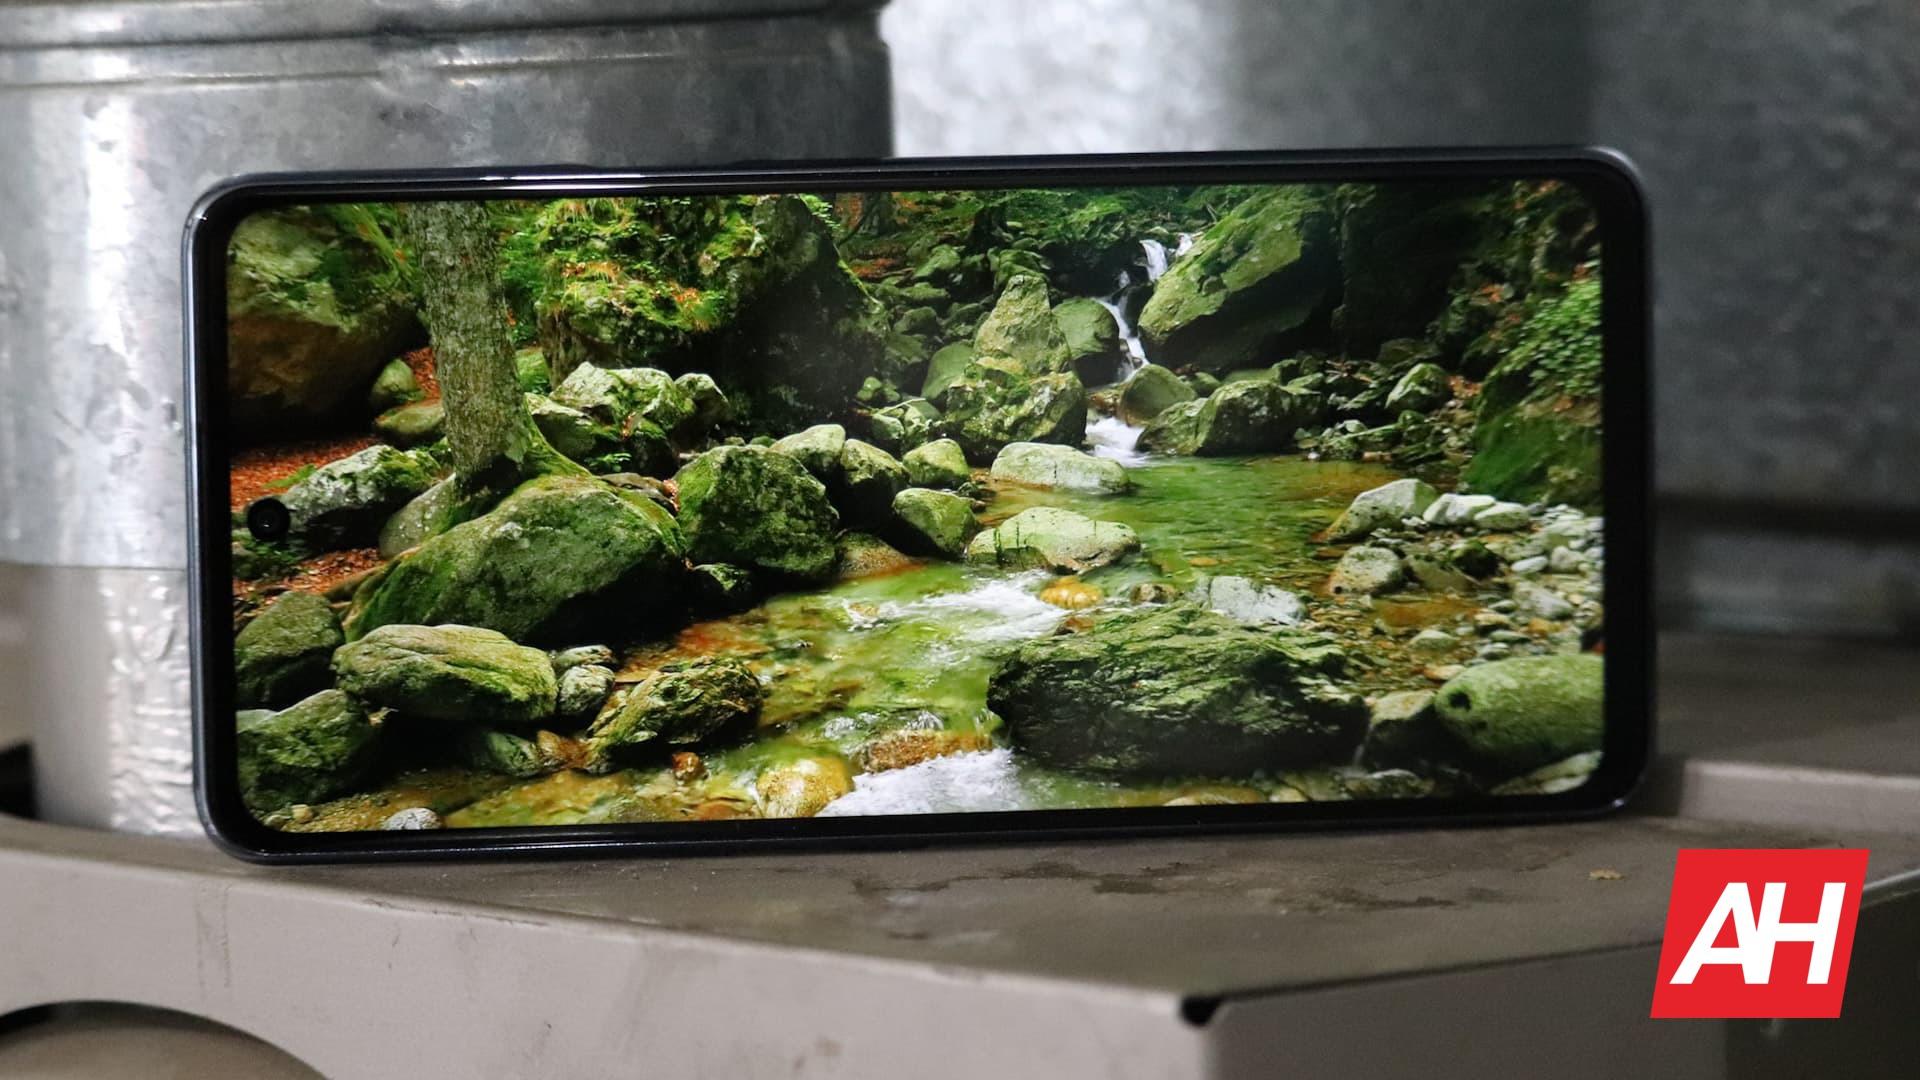 02 LG K92 5G Review Display DG AH 2020